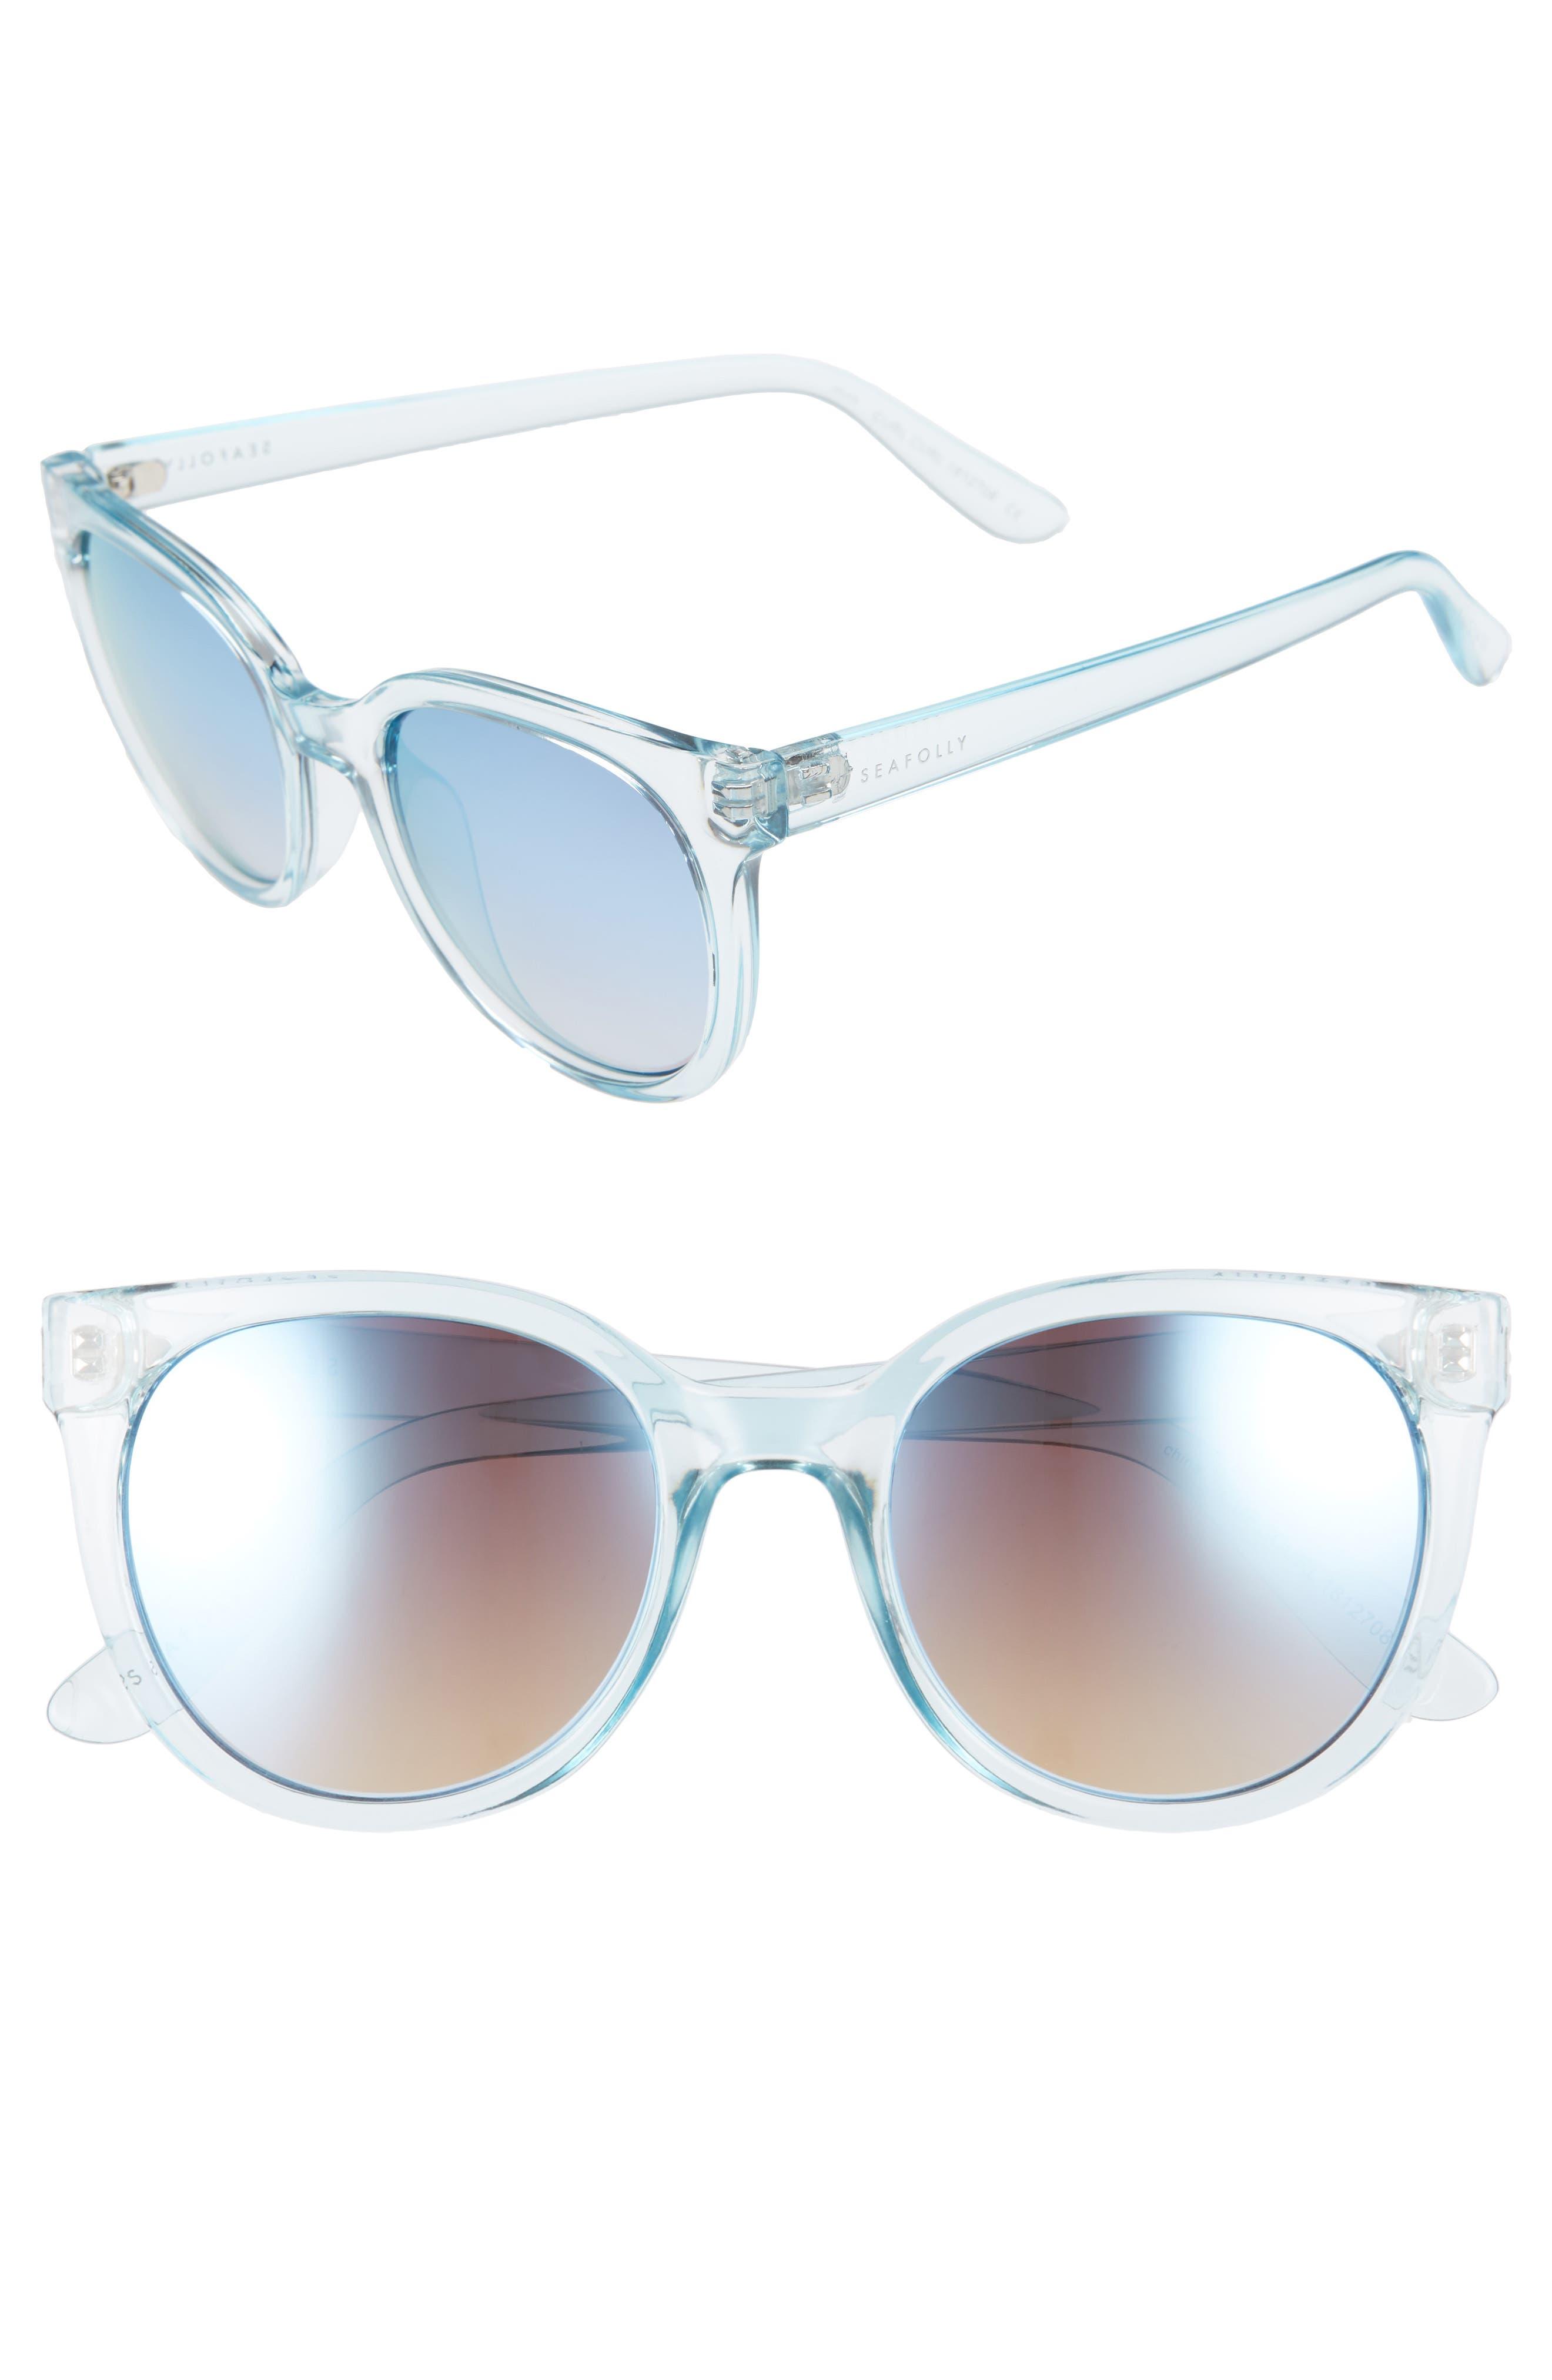 Seafolly Curl Curl 5m Sunglasses - Cornflower/ Blue